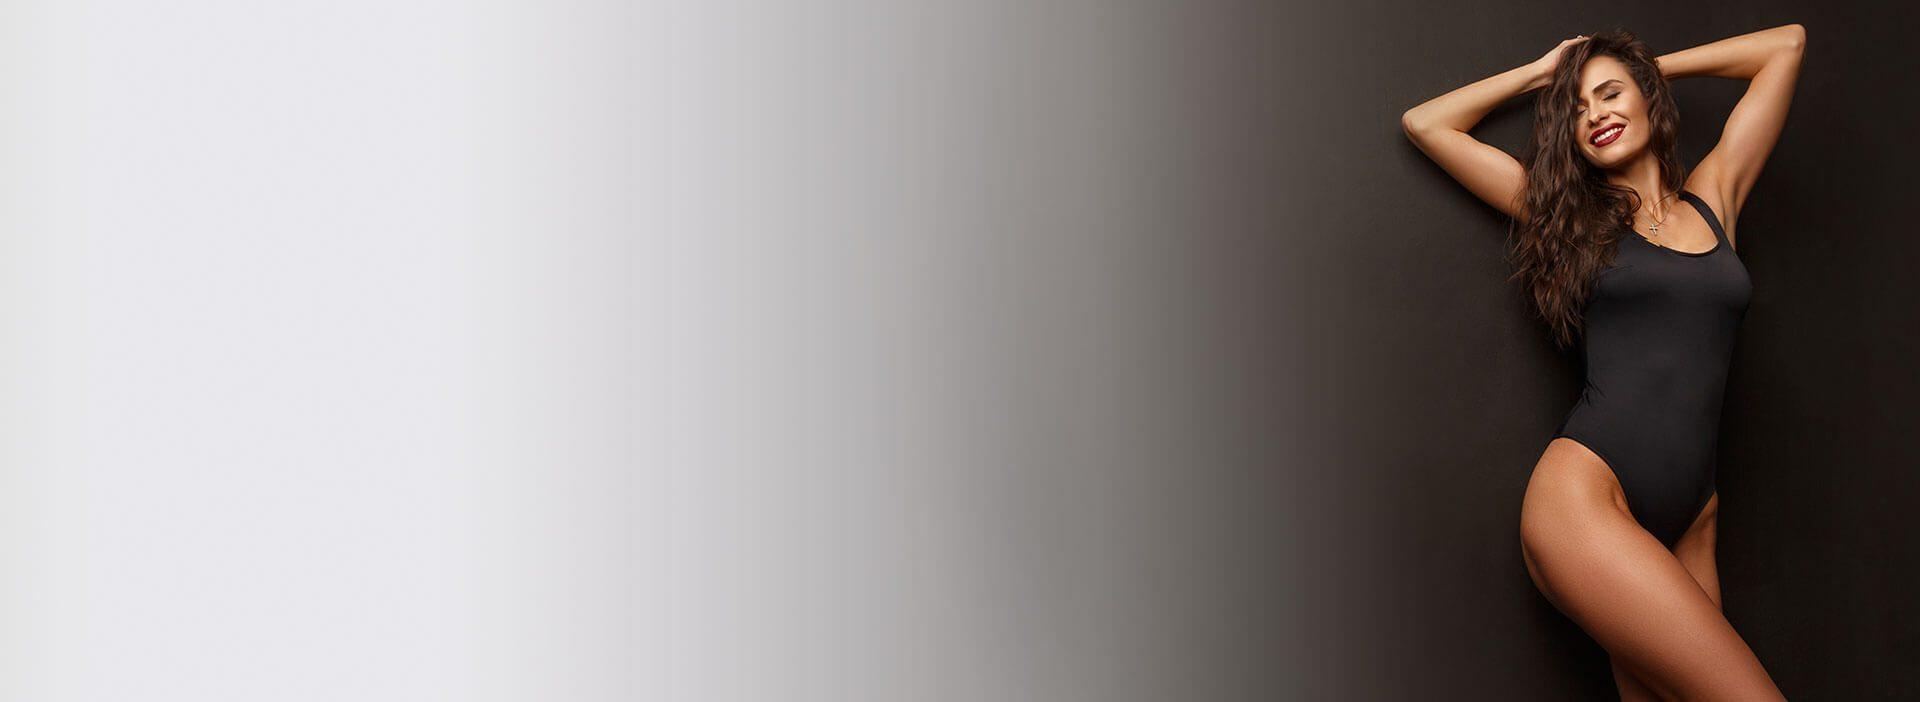 Liposuccion sans chirurgie - Clinique Medico-esthétique